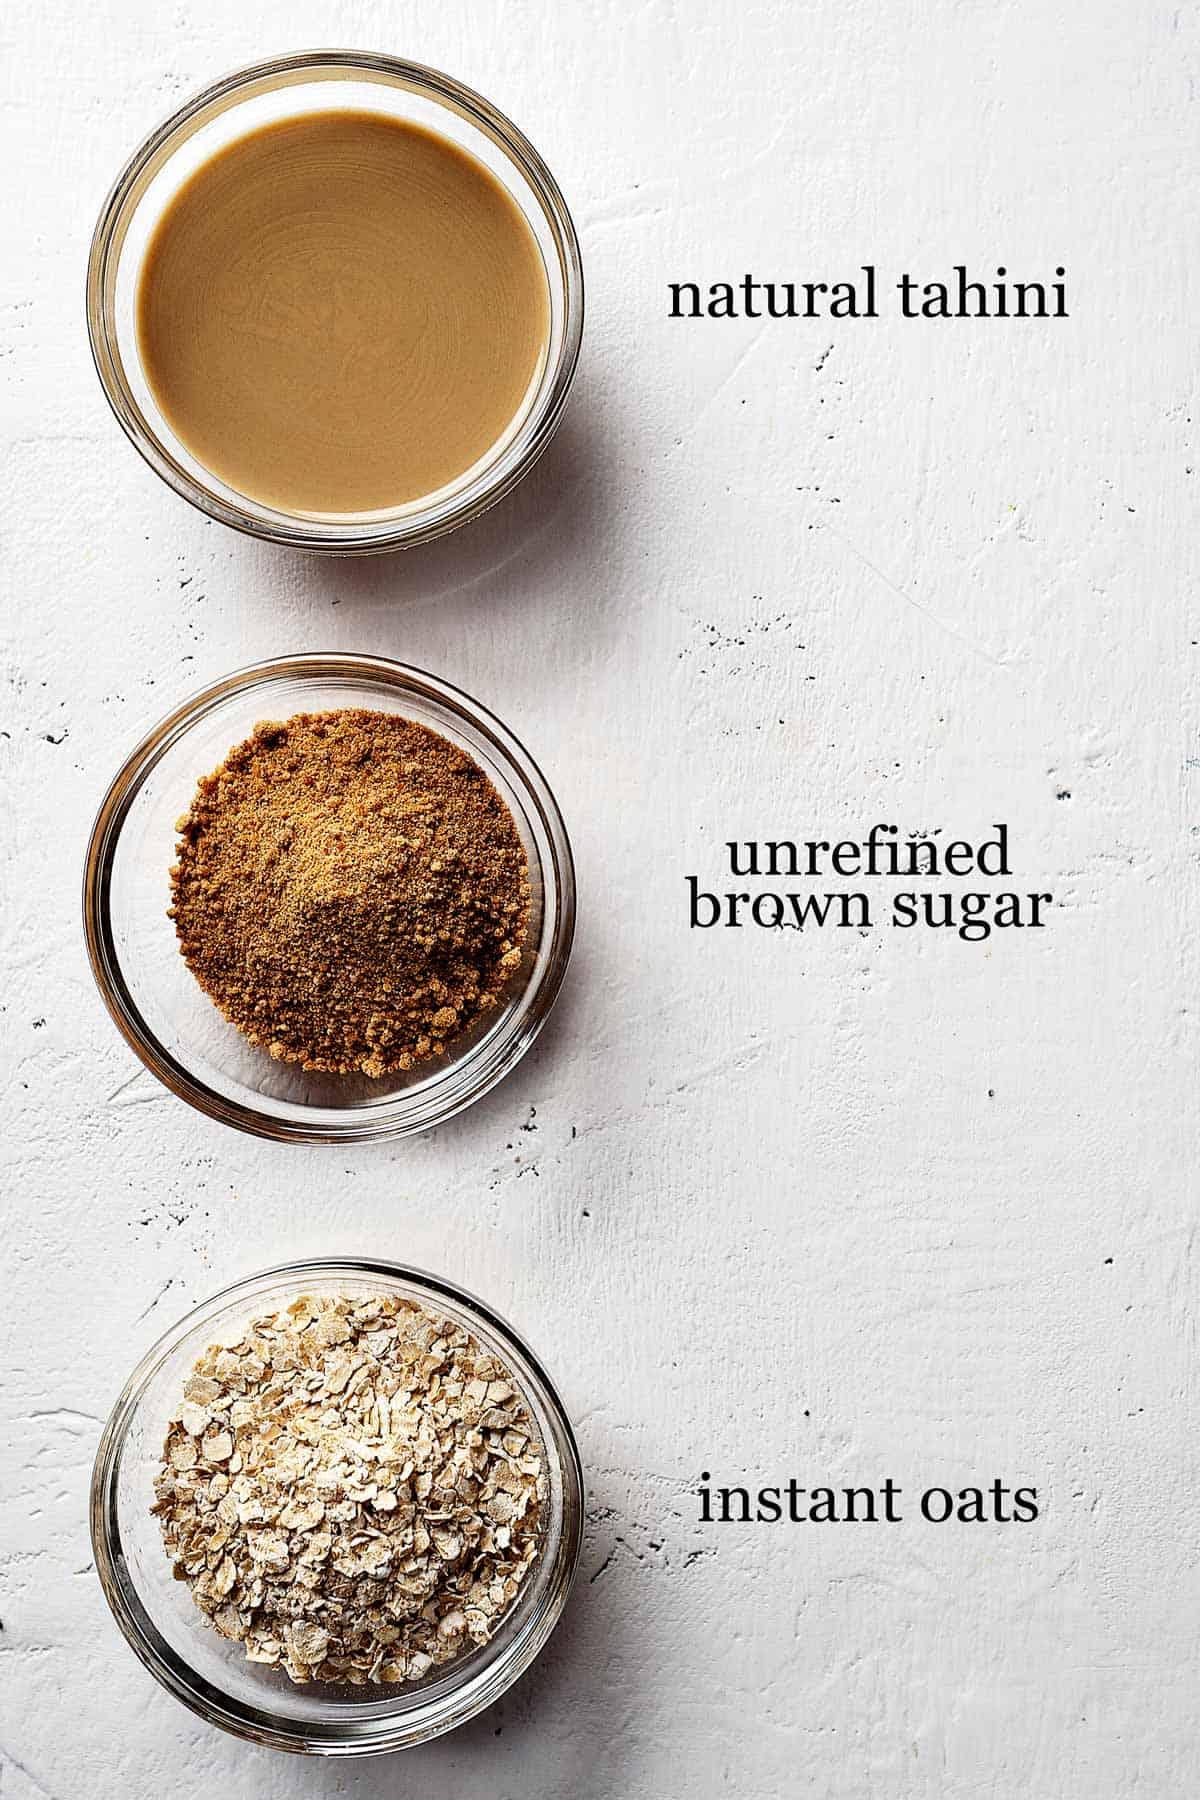 Ingredients for healthy tahini cookies